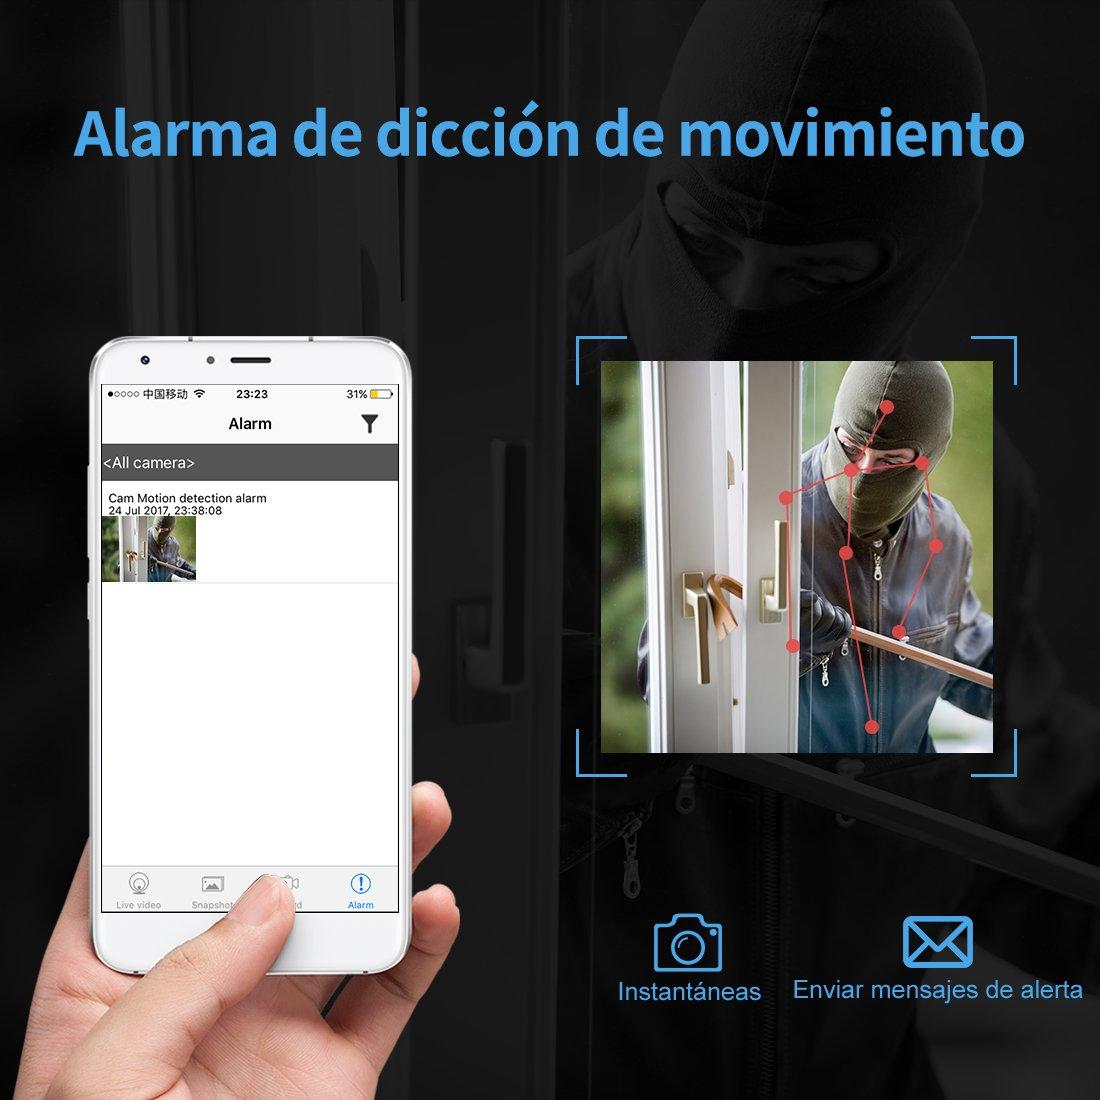 Espía Cámara Oculta AOBO Mini Cámara 1080P HD Portátil Interior/Exterior WiFi Cámara IP Seguridad Casa Oficina Vision Nocturna Cámara Inalámbrica con ...